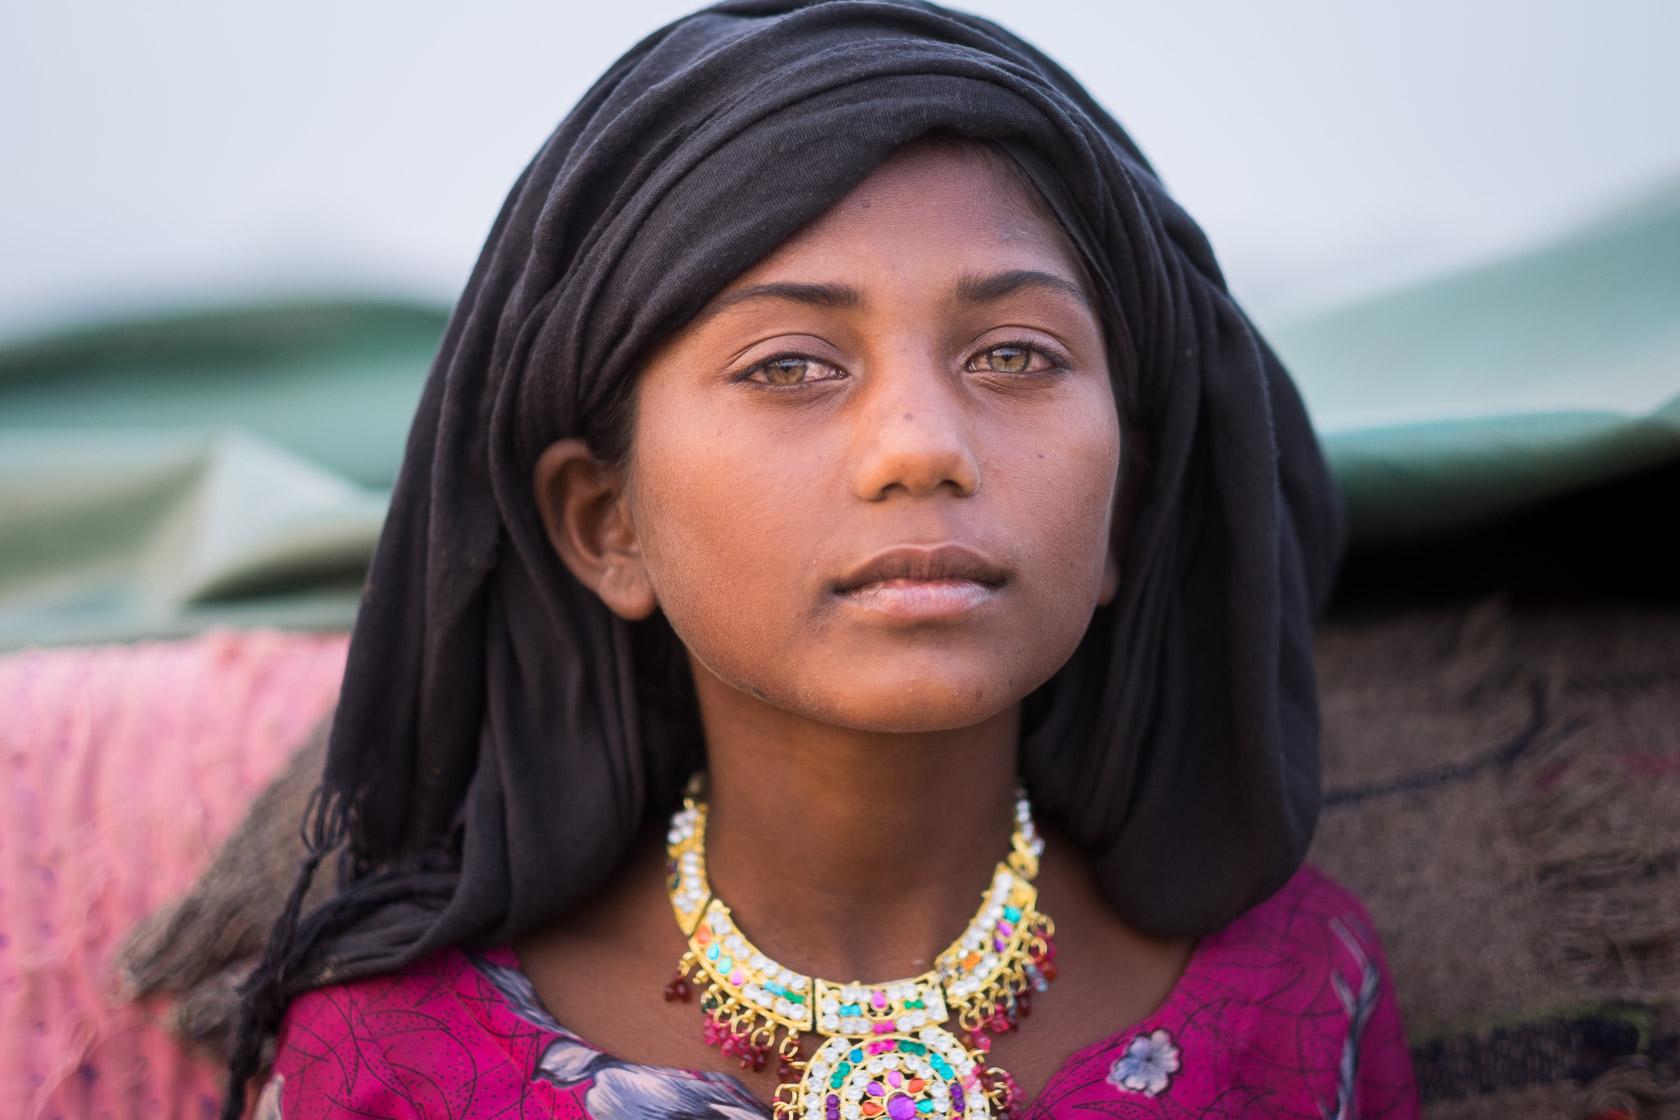 Kalbelia Woman, Pushkar, India